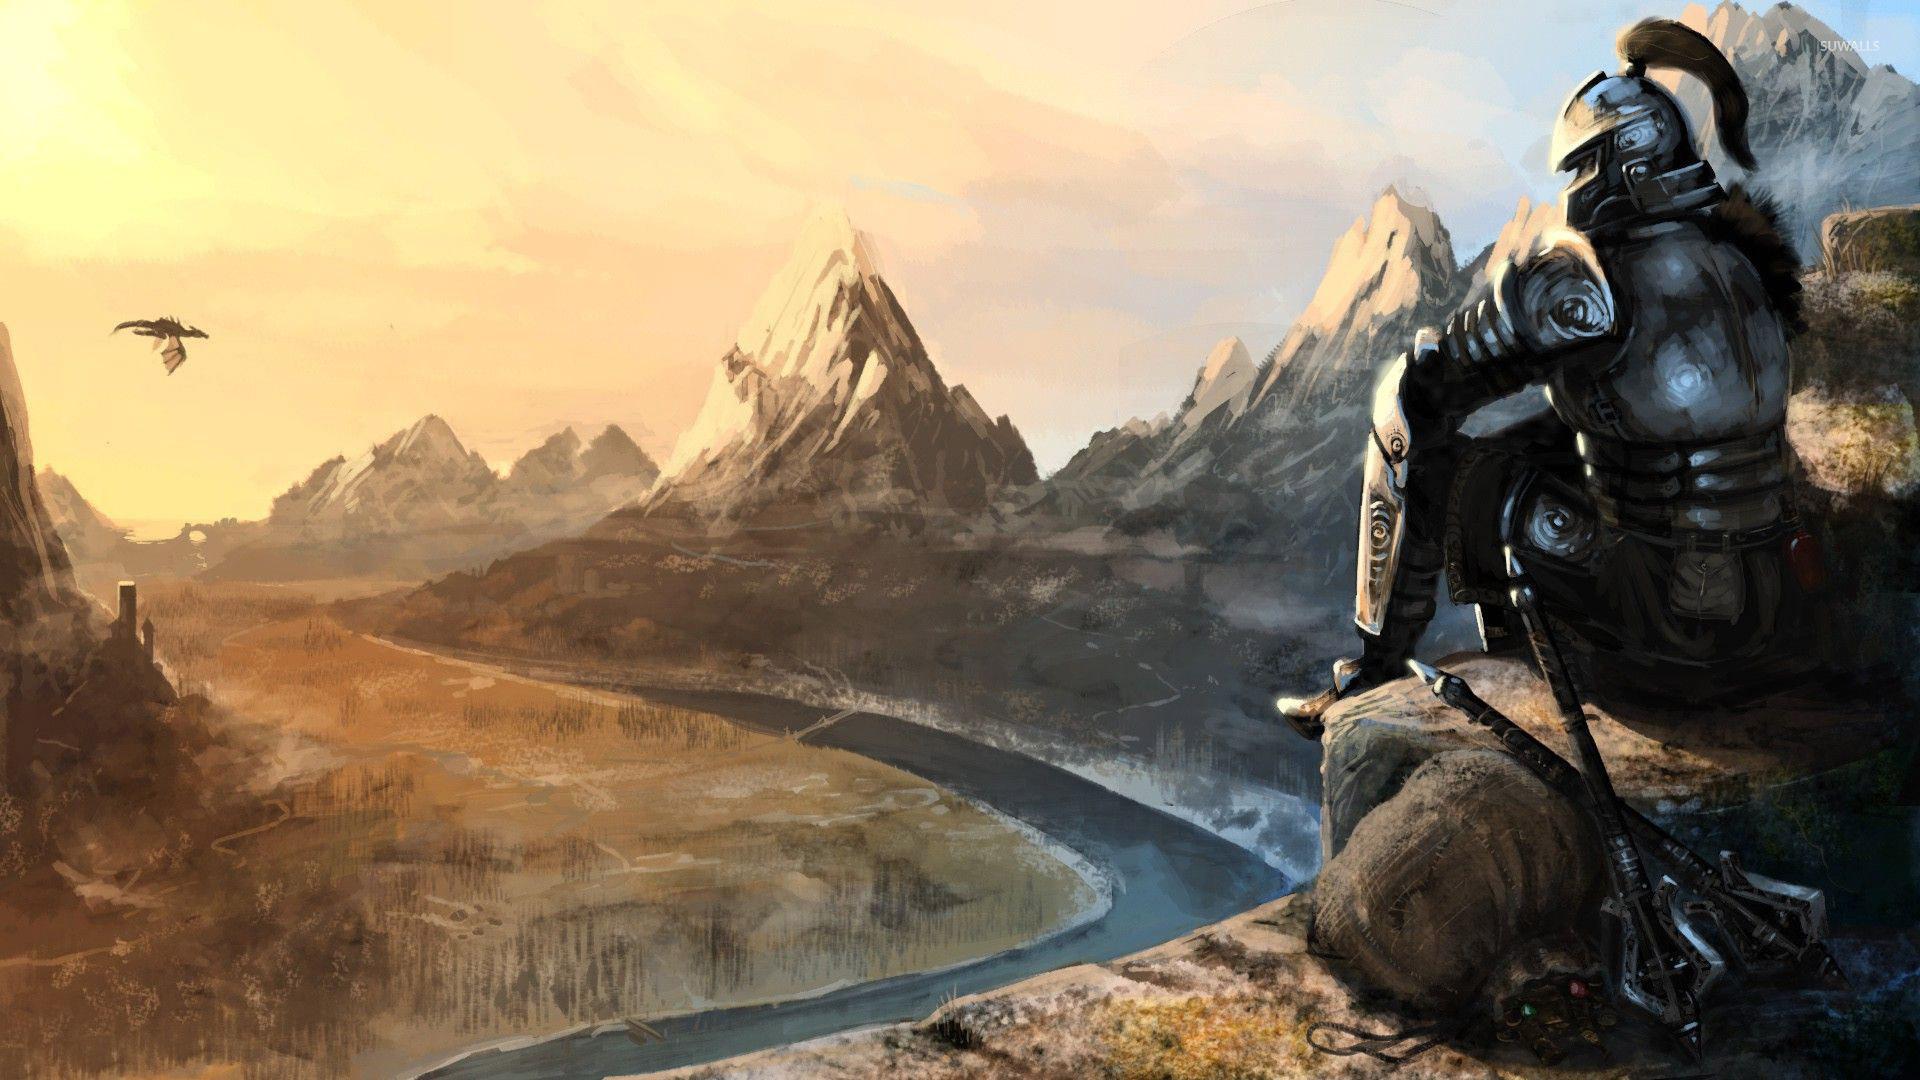 The Elder Scrolls V Skyrim Wallpaper Game Wallpapers 28593